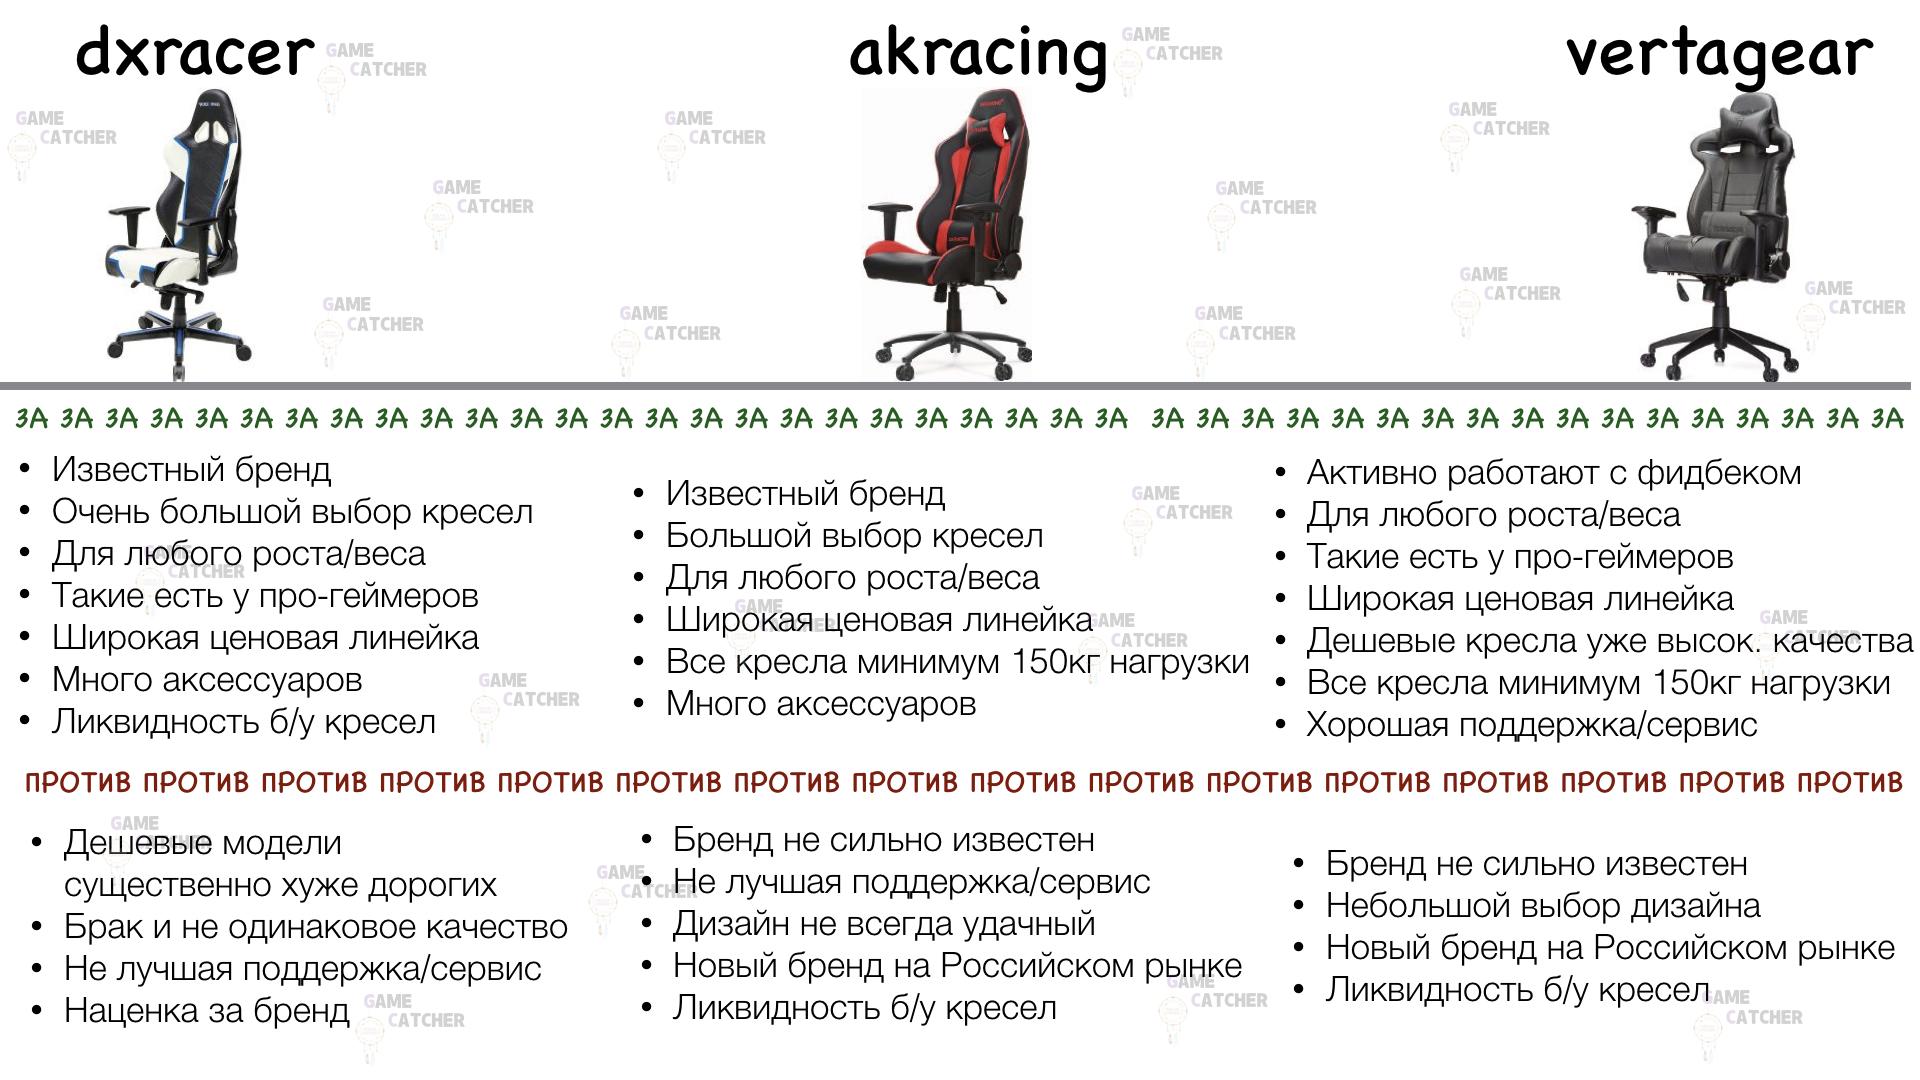 таблица сравнения геймерских кресел вертагир дксрейсер акрейсинг